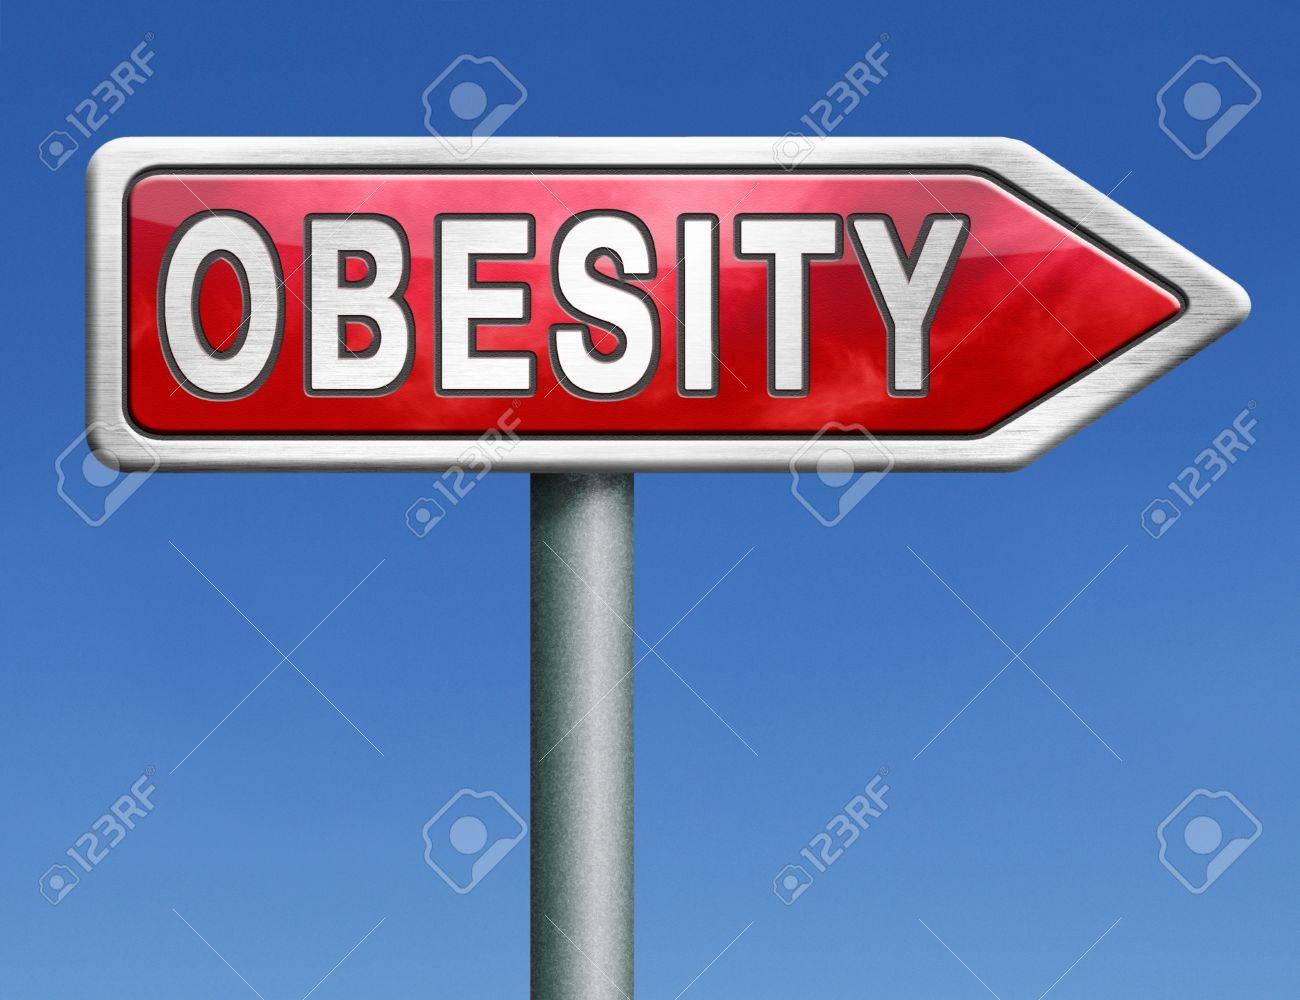 Le Persone Piu Grasse.Obesita Obeso Uomo Donna Bambino O Piu Bambini In Sovrappeso E Le Persone Grasse Rischio Diabetis Rosso Strada Segno Freccia Con Il Concetto Di Testo